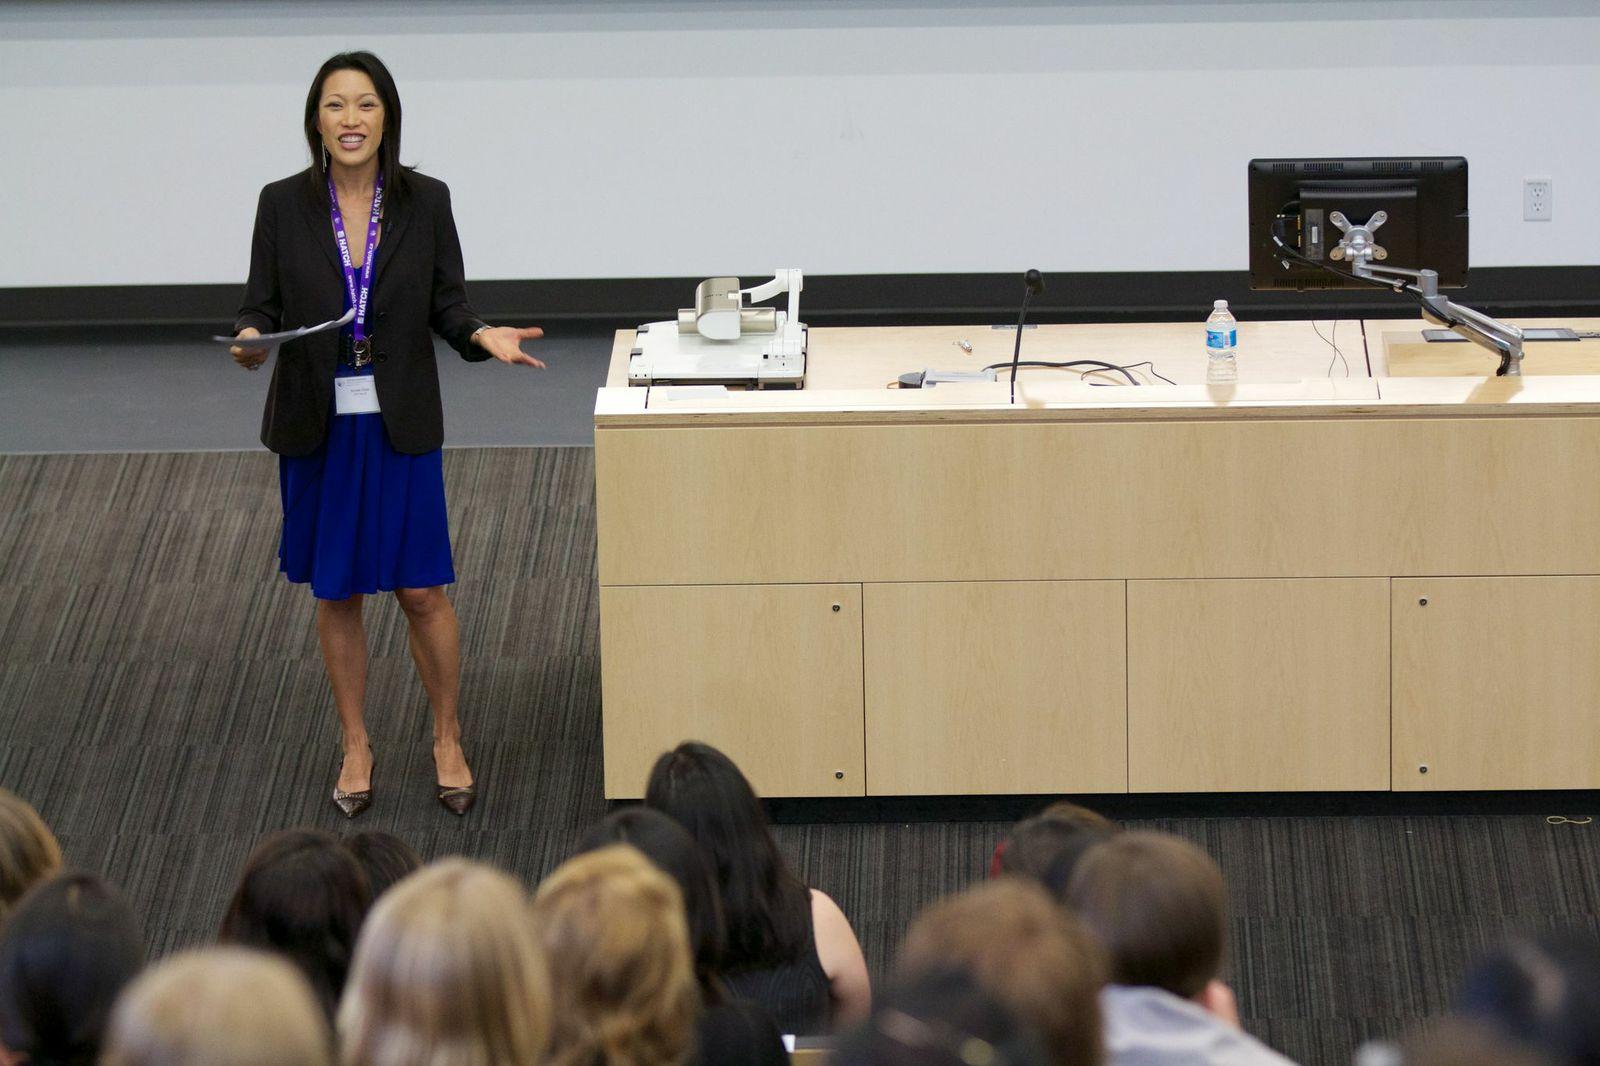 Dr Aimee Chan